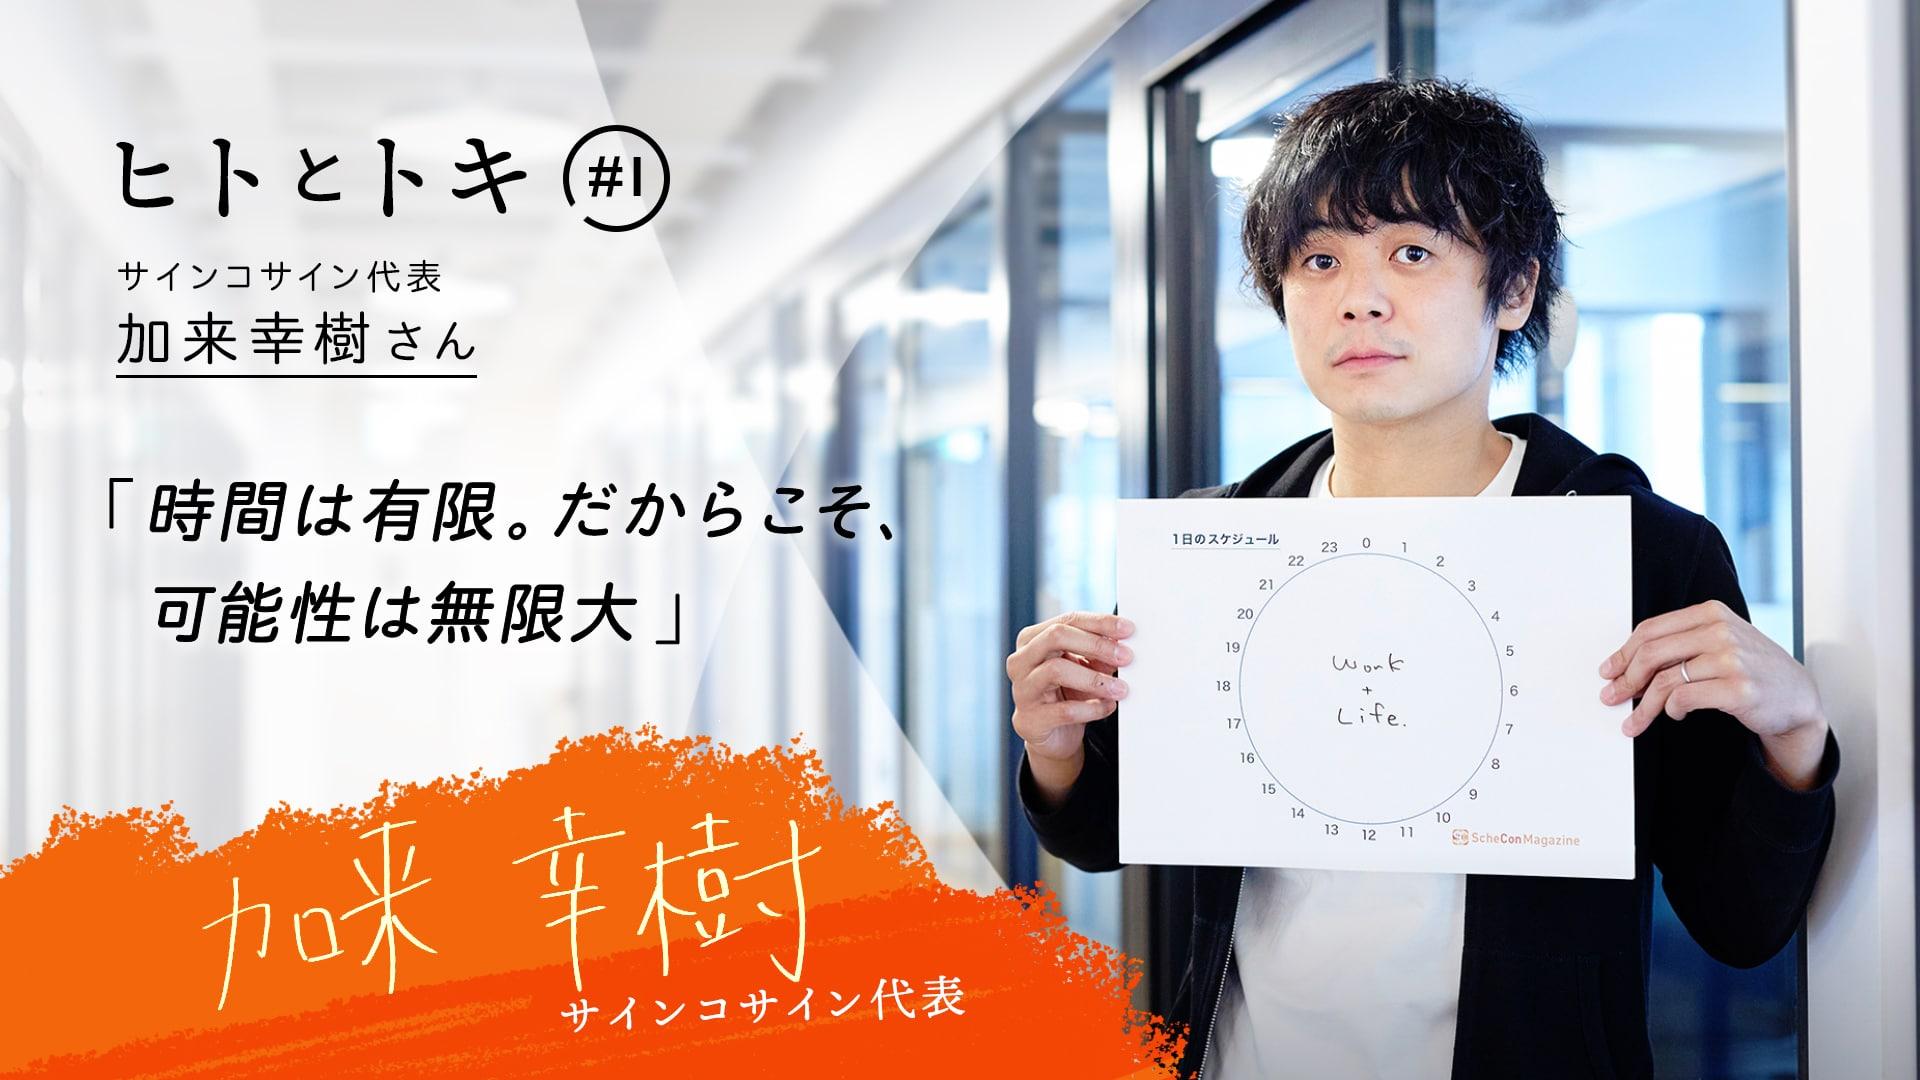 【ヒトとトキ♯01】サインコサイン代表・加来幸樹さん「時間は有限。だからこそ、可能性は無限大」